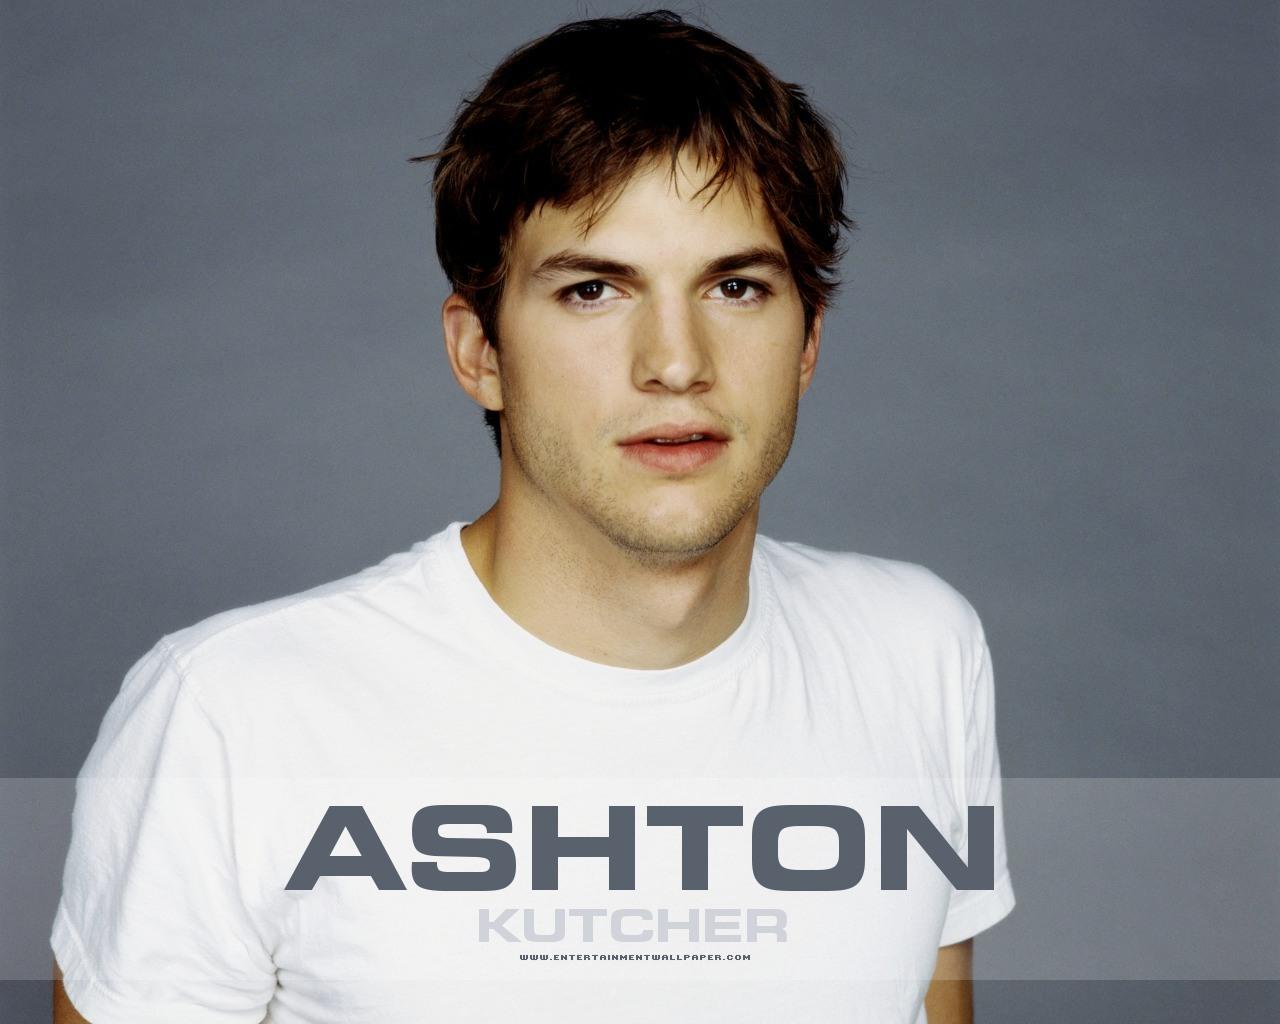 http://2.bp.blogspot.com/-xXKP-OBN9kU/Tjfk_qVhEcI/AAAAAAAABbw/Tey5YoWQJsw/s1600/ashton_kutcher01.jpg